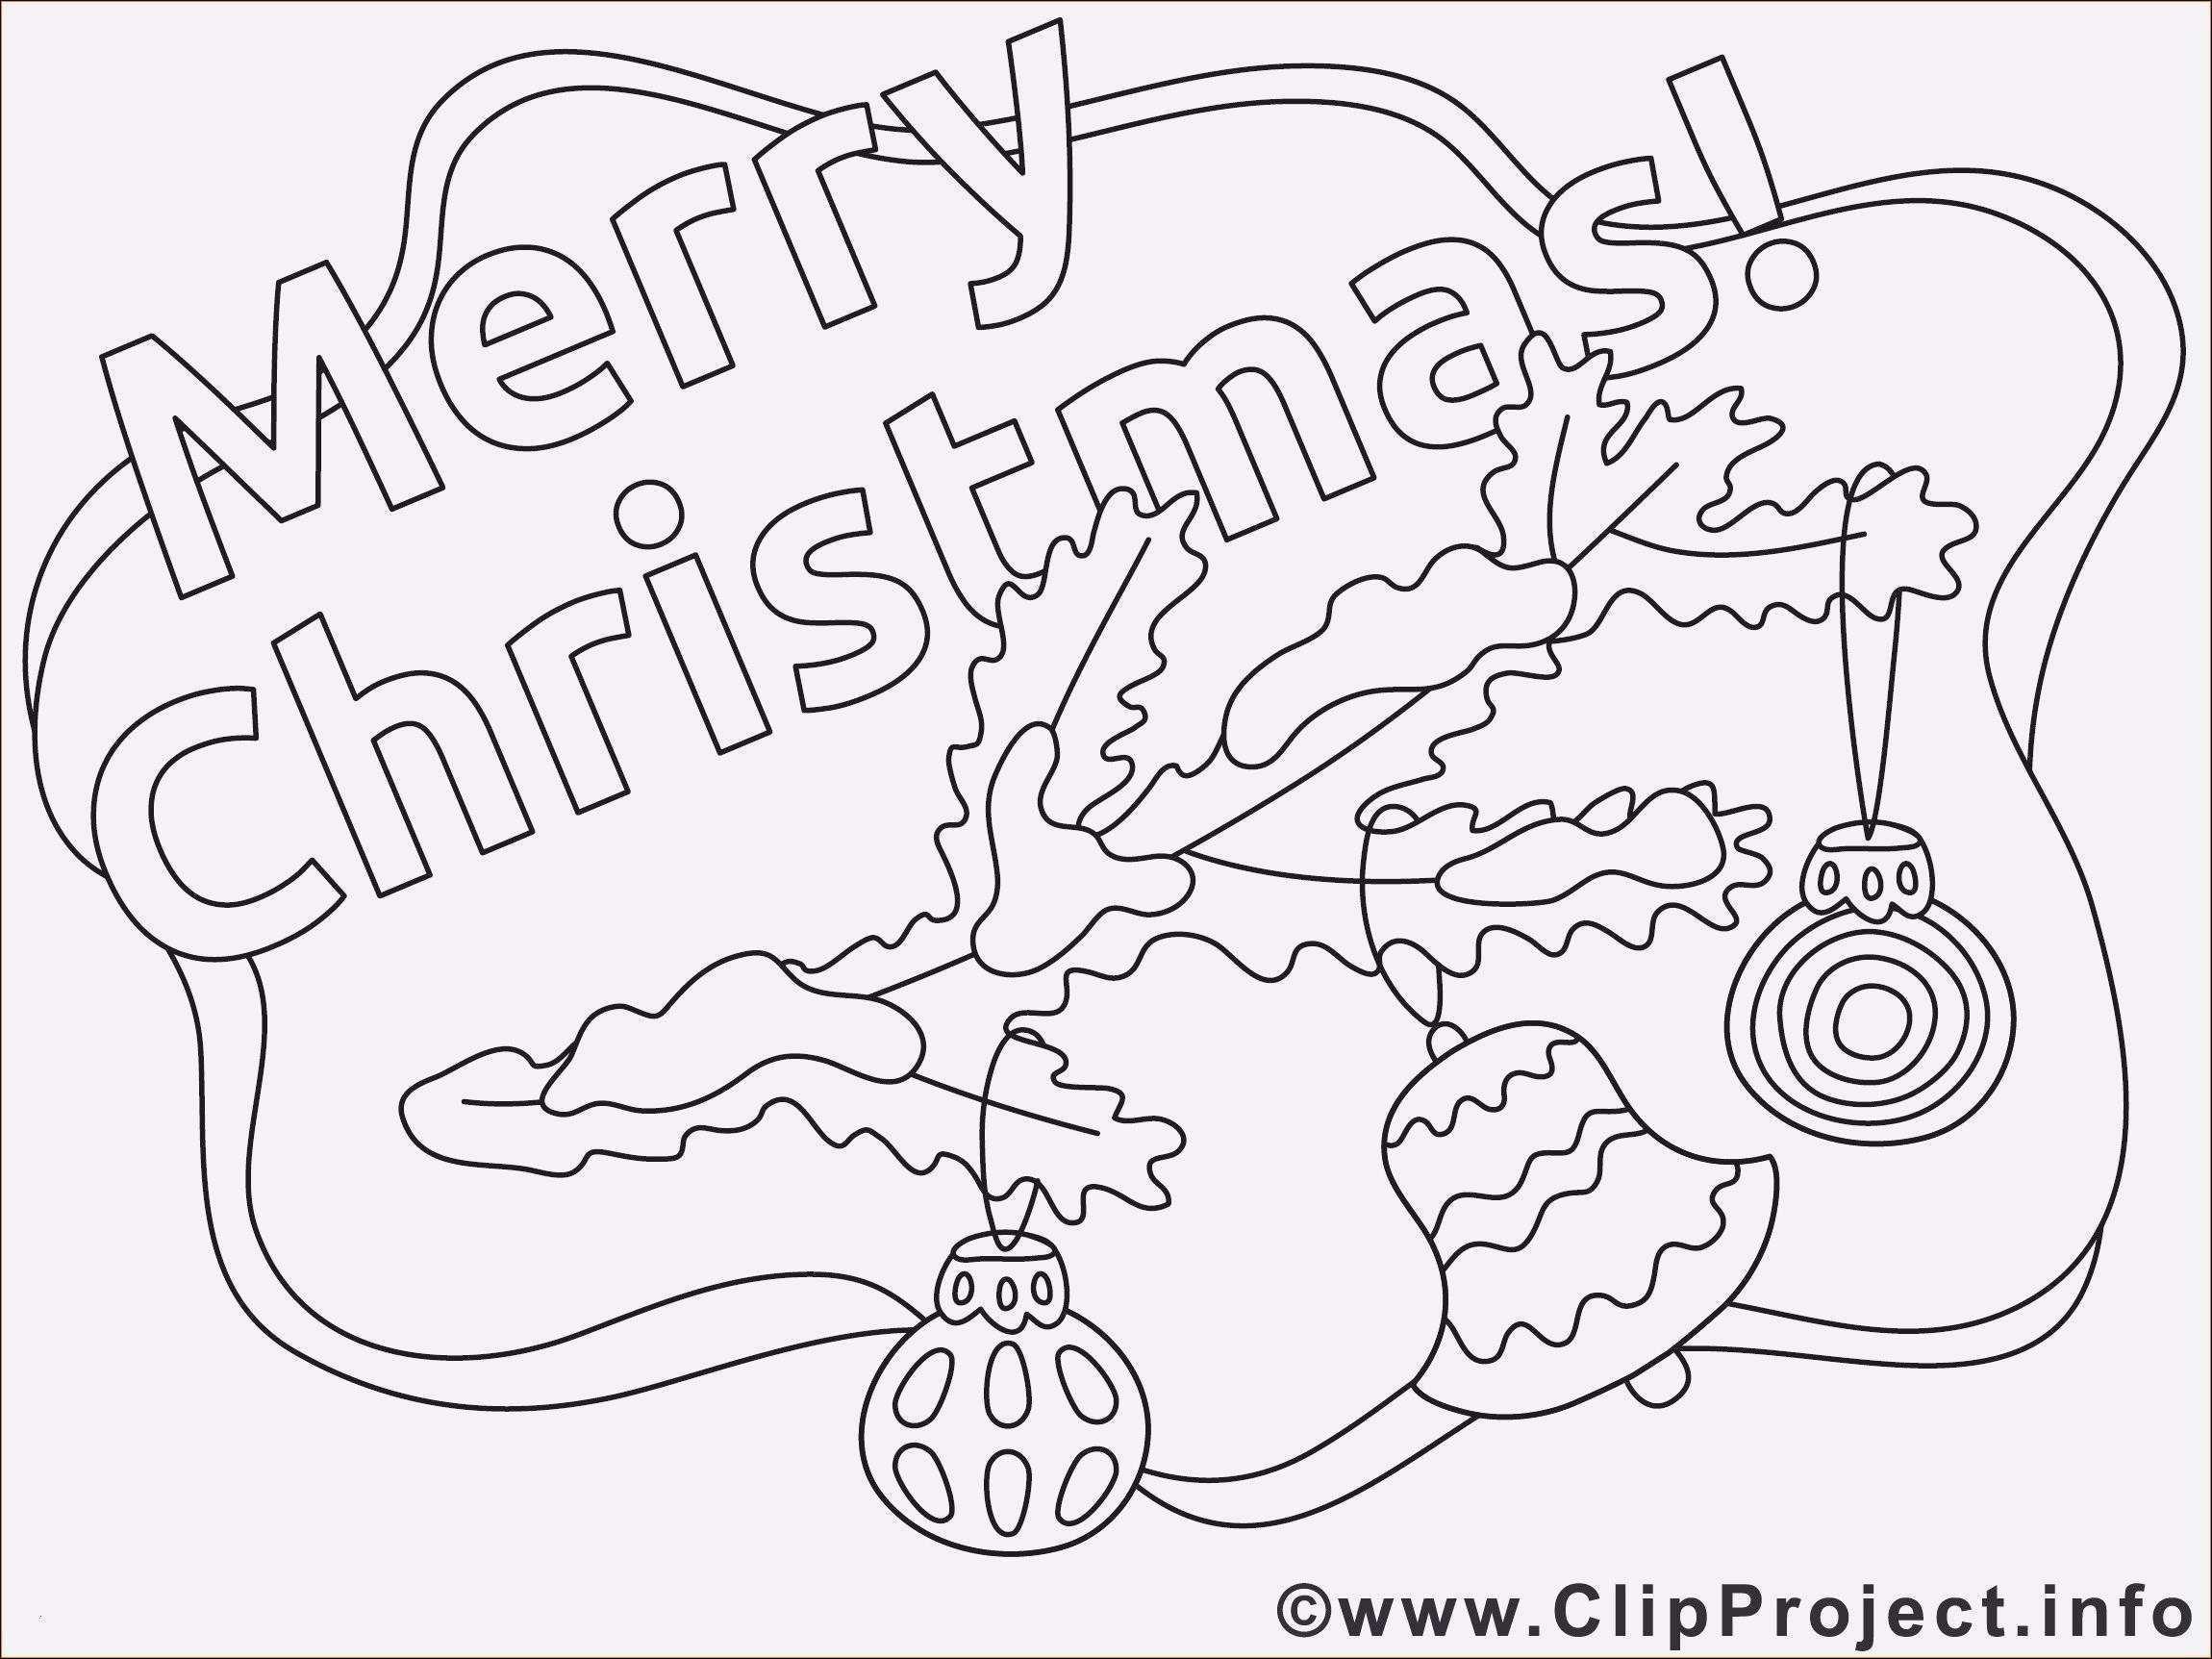 Ausmalbilder Minions Weihnachten.Minion Bilder Zum Ausmalen Das Beste Von Minions Malvorlagen